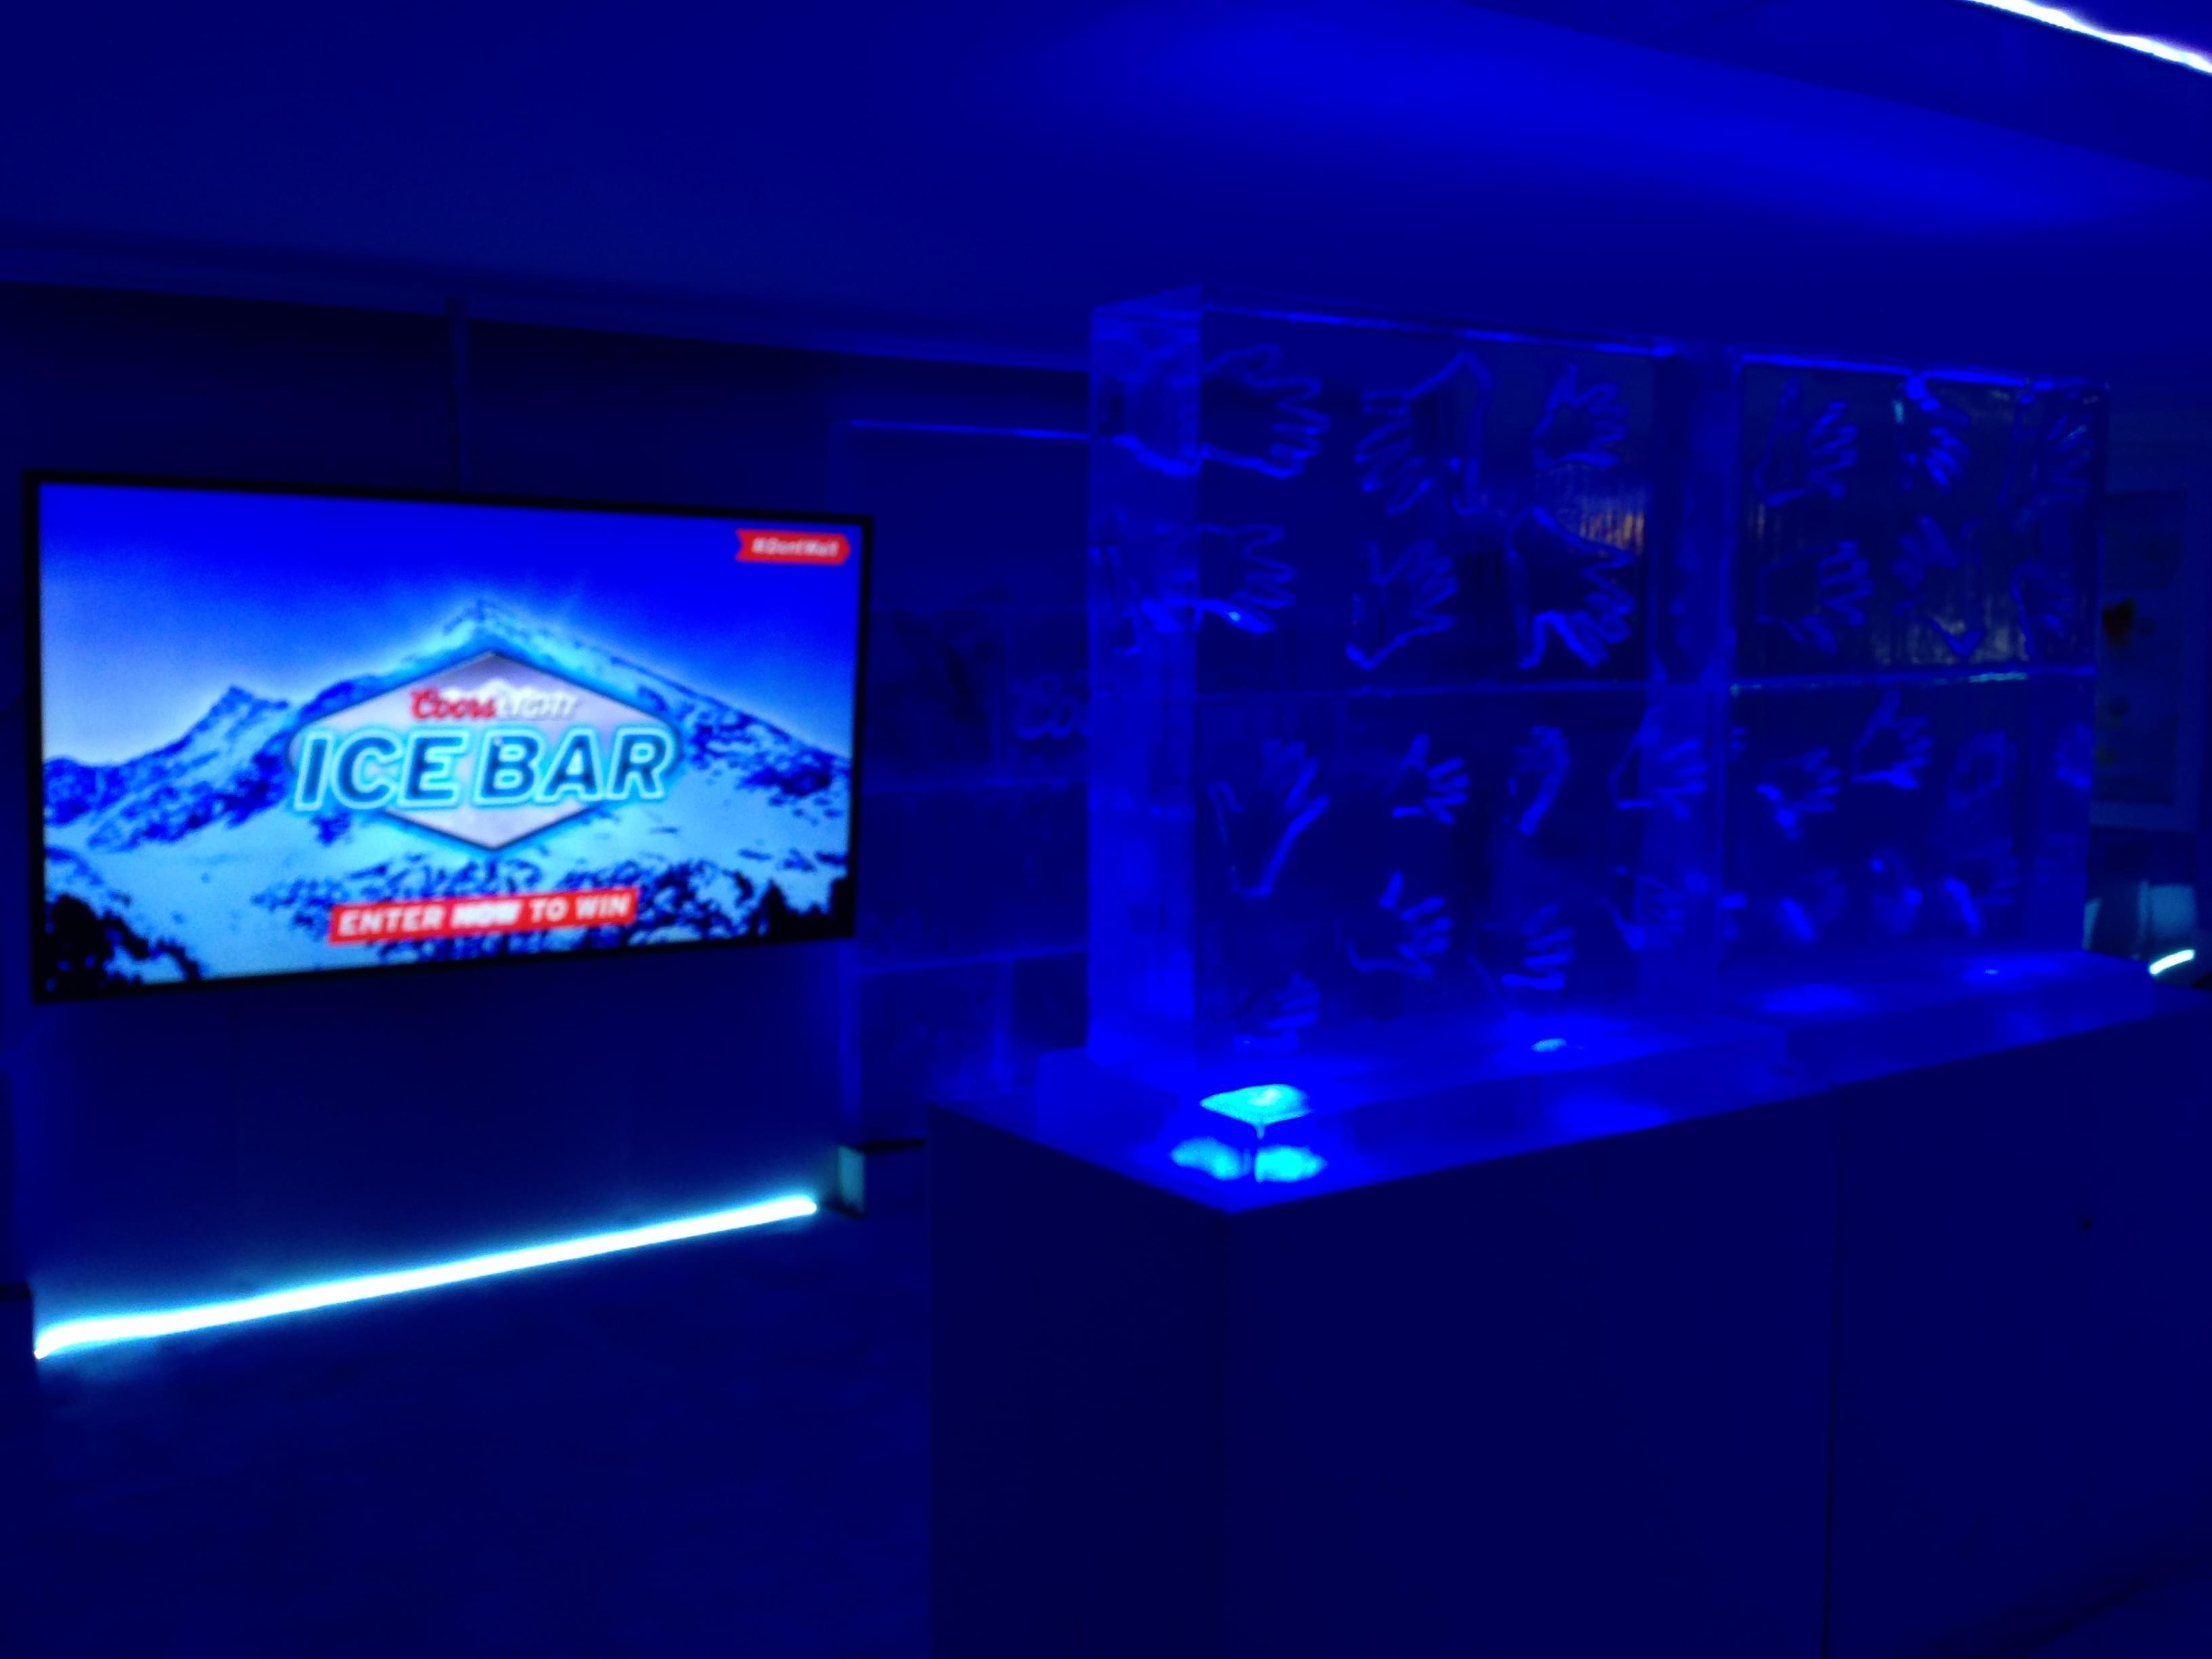 Coors Light Pop Up Ice Bar